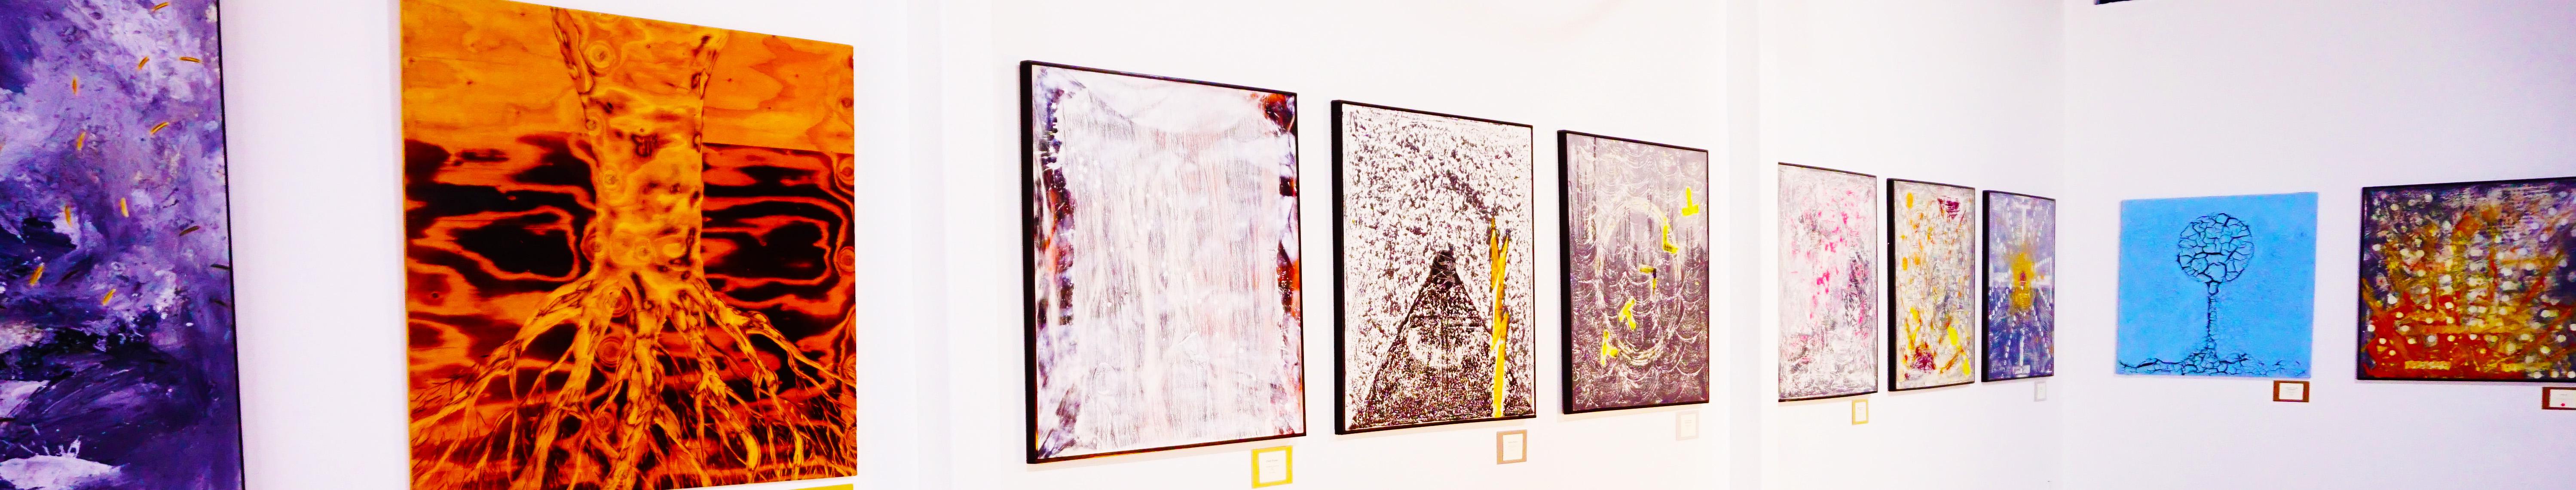 gallerywall3